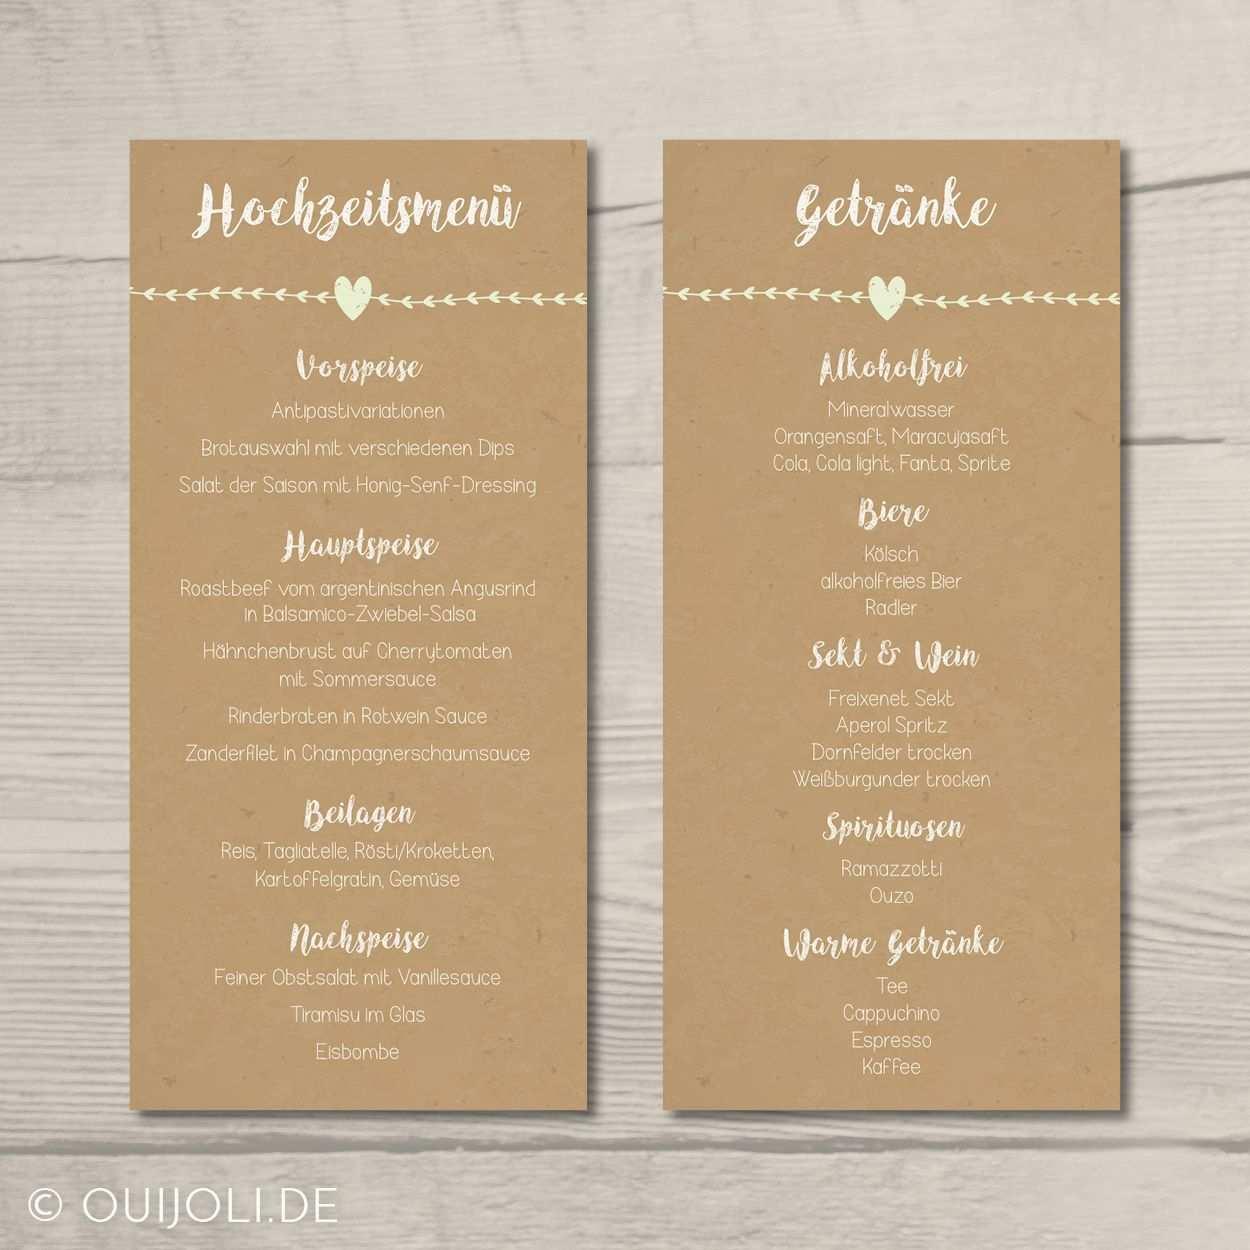 Home Traustube Menukarten Hochzeit Getrankekarte Hochzeit Getranke Karte Hochzeit